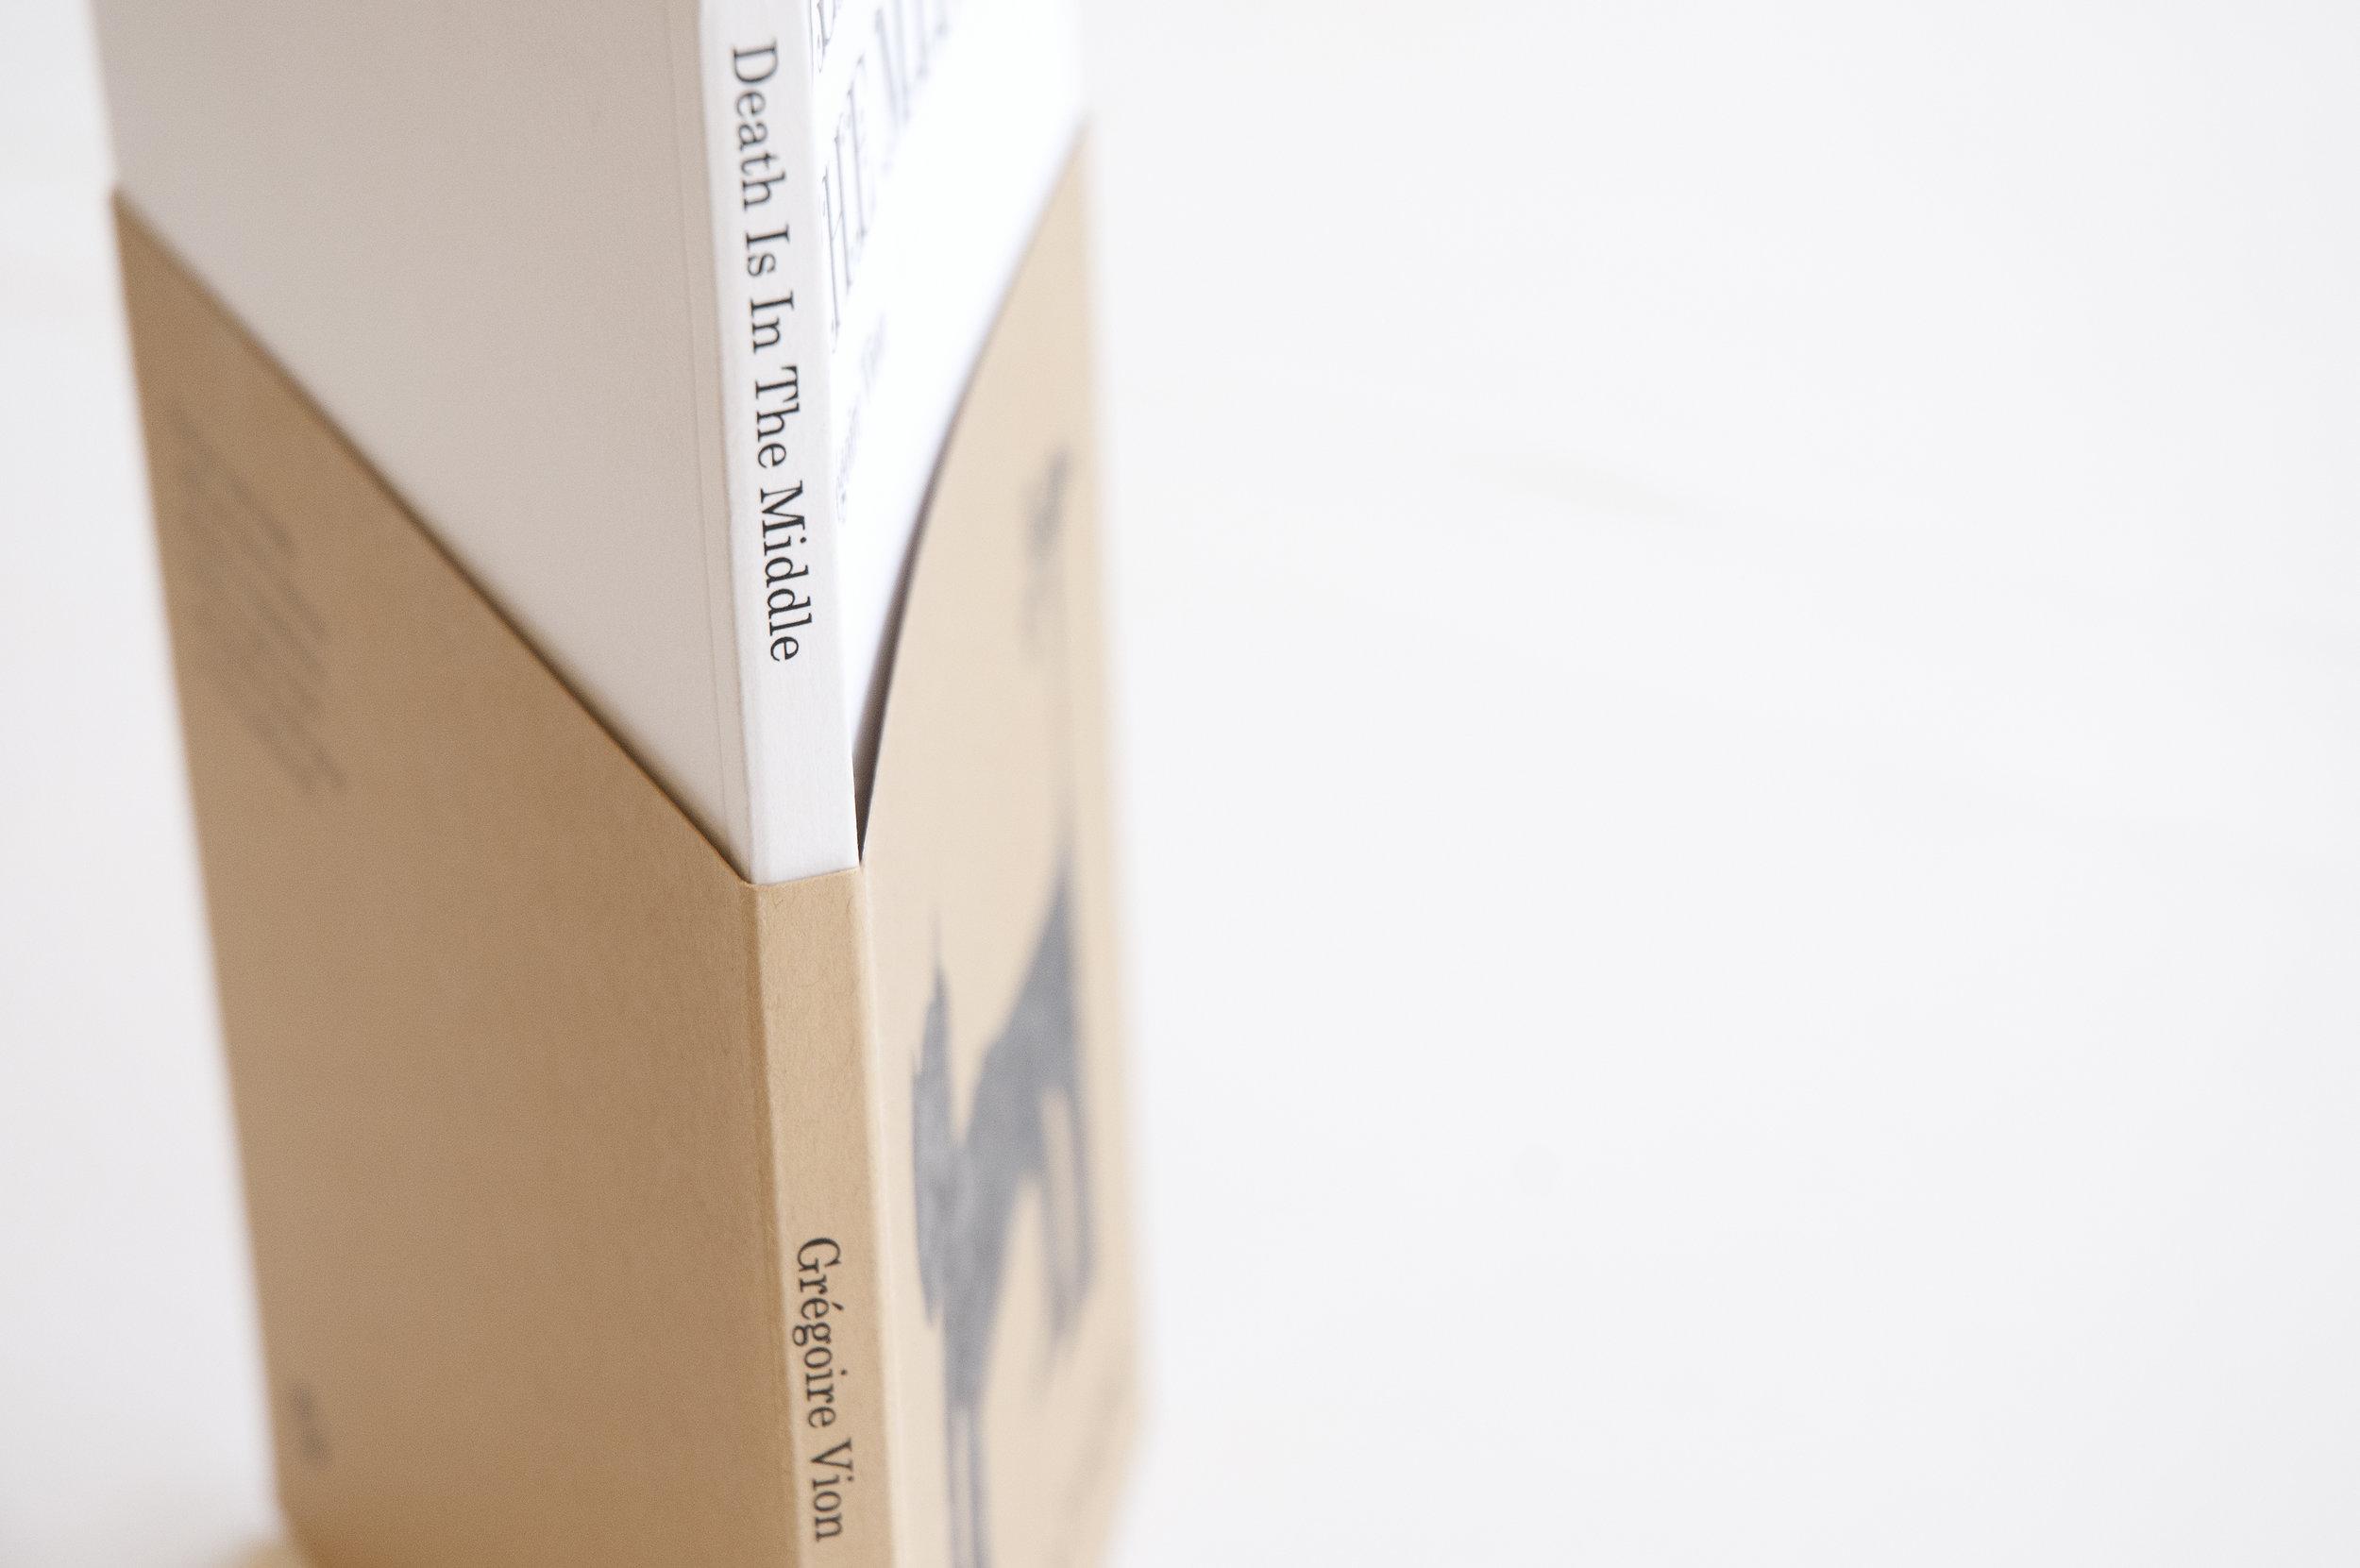 1_Custom_Books_7.jpg